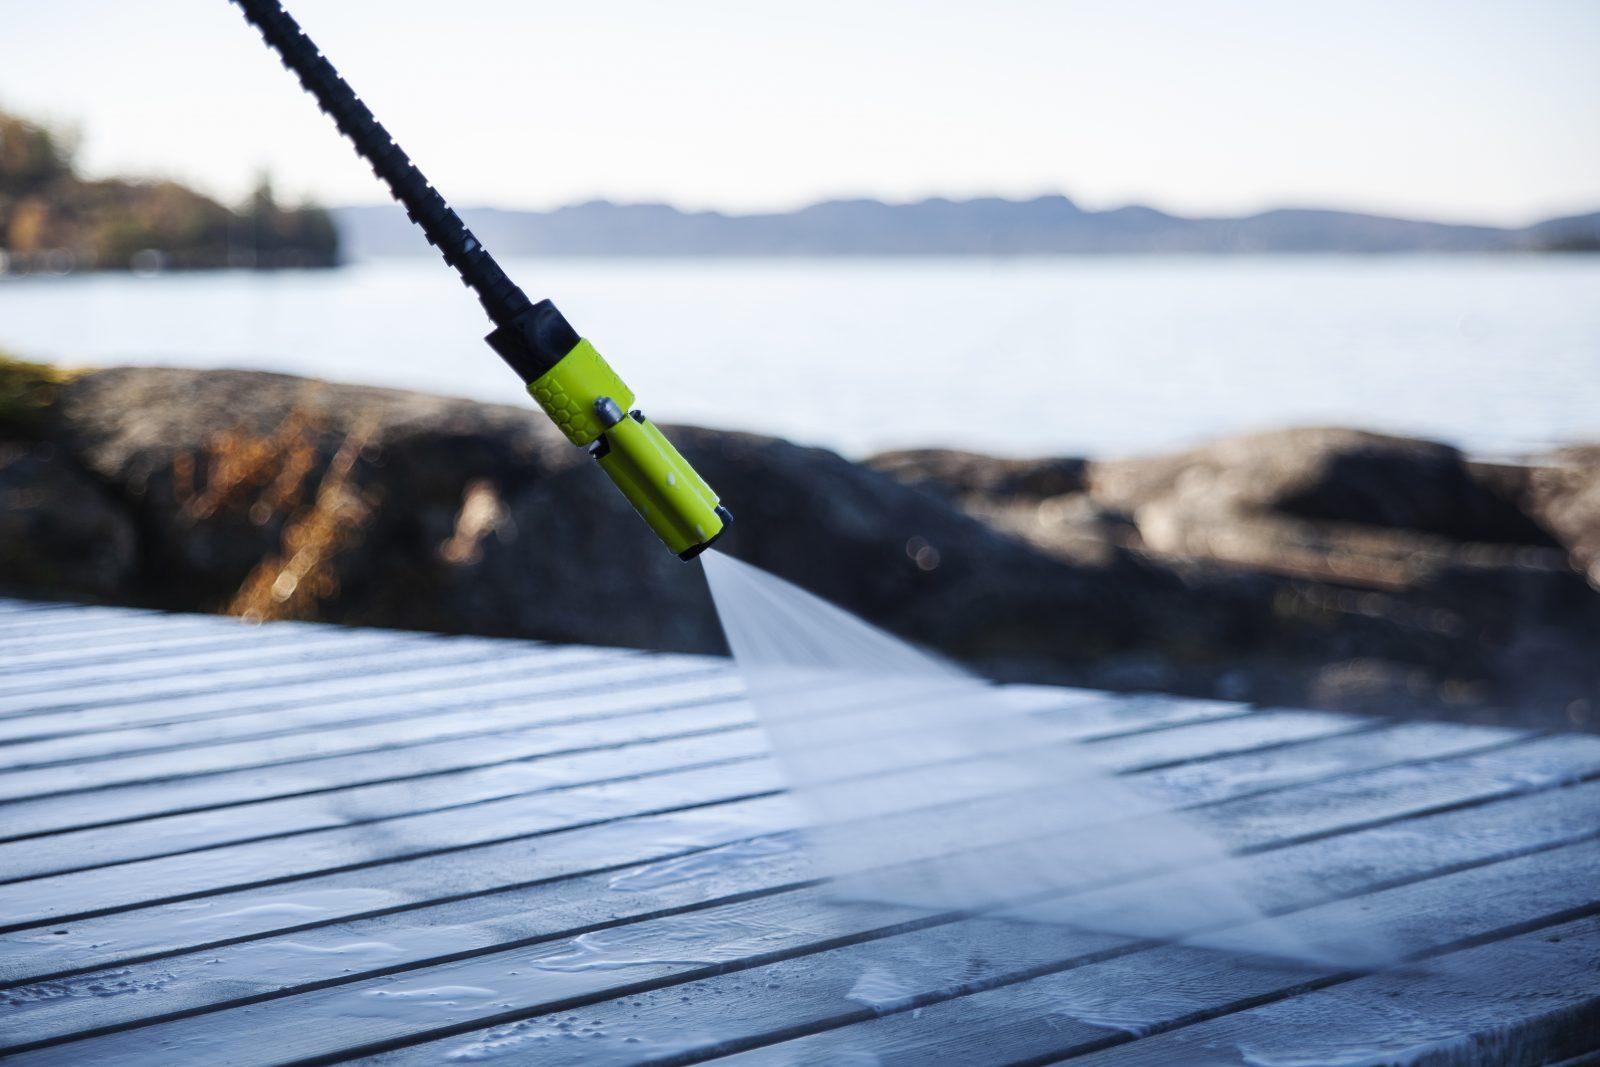 Norsk høytrykkspyler – best i test